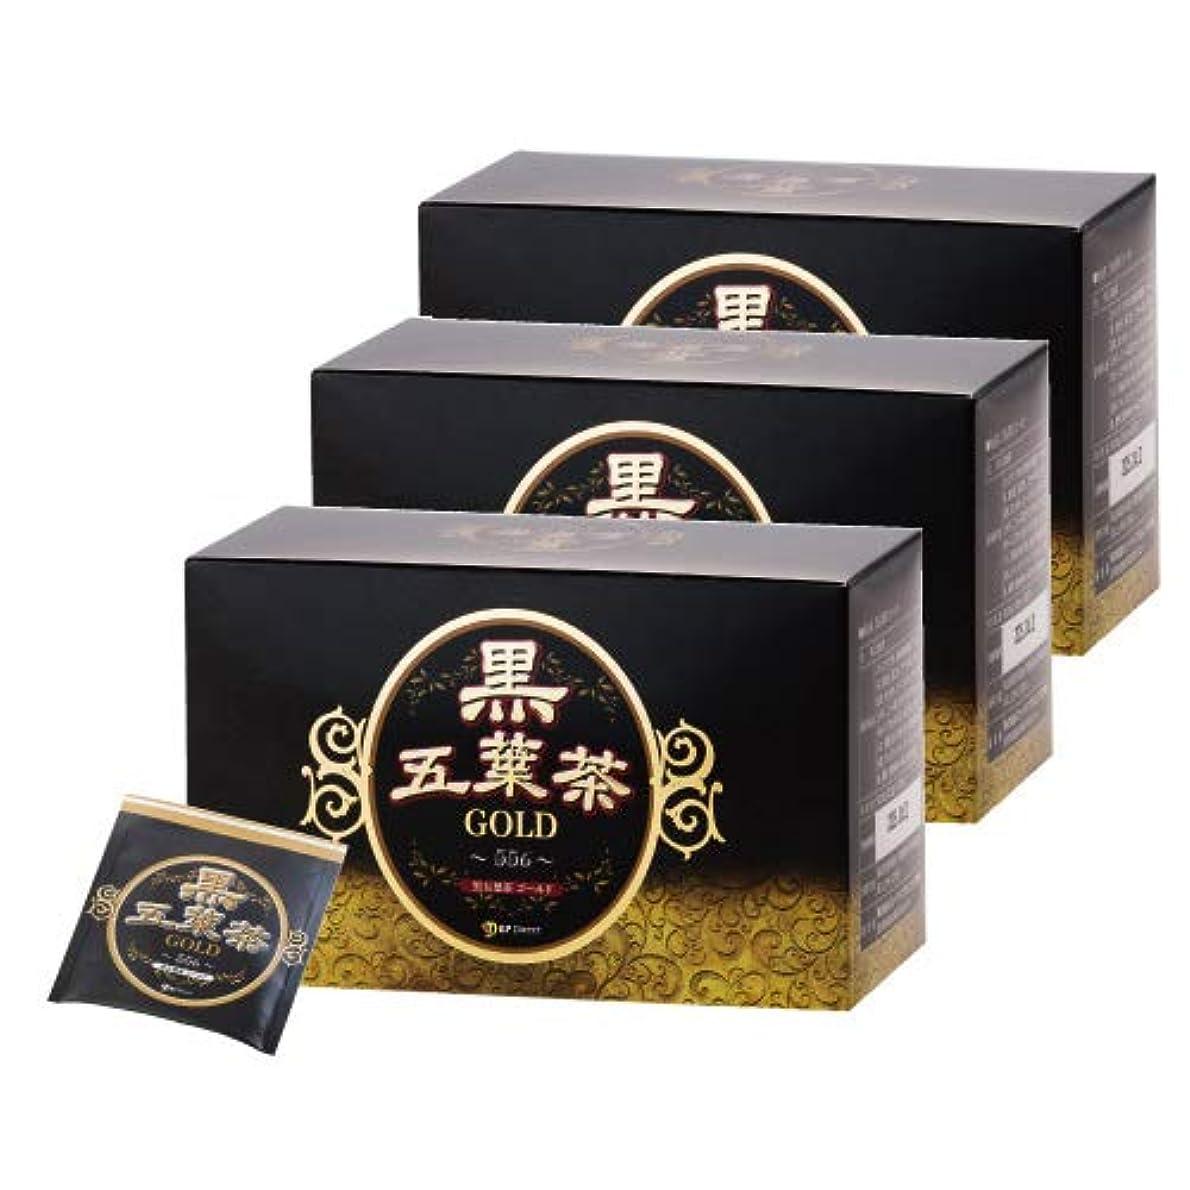 色合い義務的パケット黒五葉茶ゴールド 30包 3箱セット ダイエット ダイエット茶 ダイエットティー ハーブティー 難消化性デキストリン